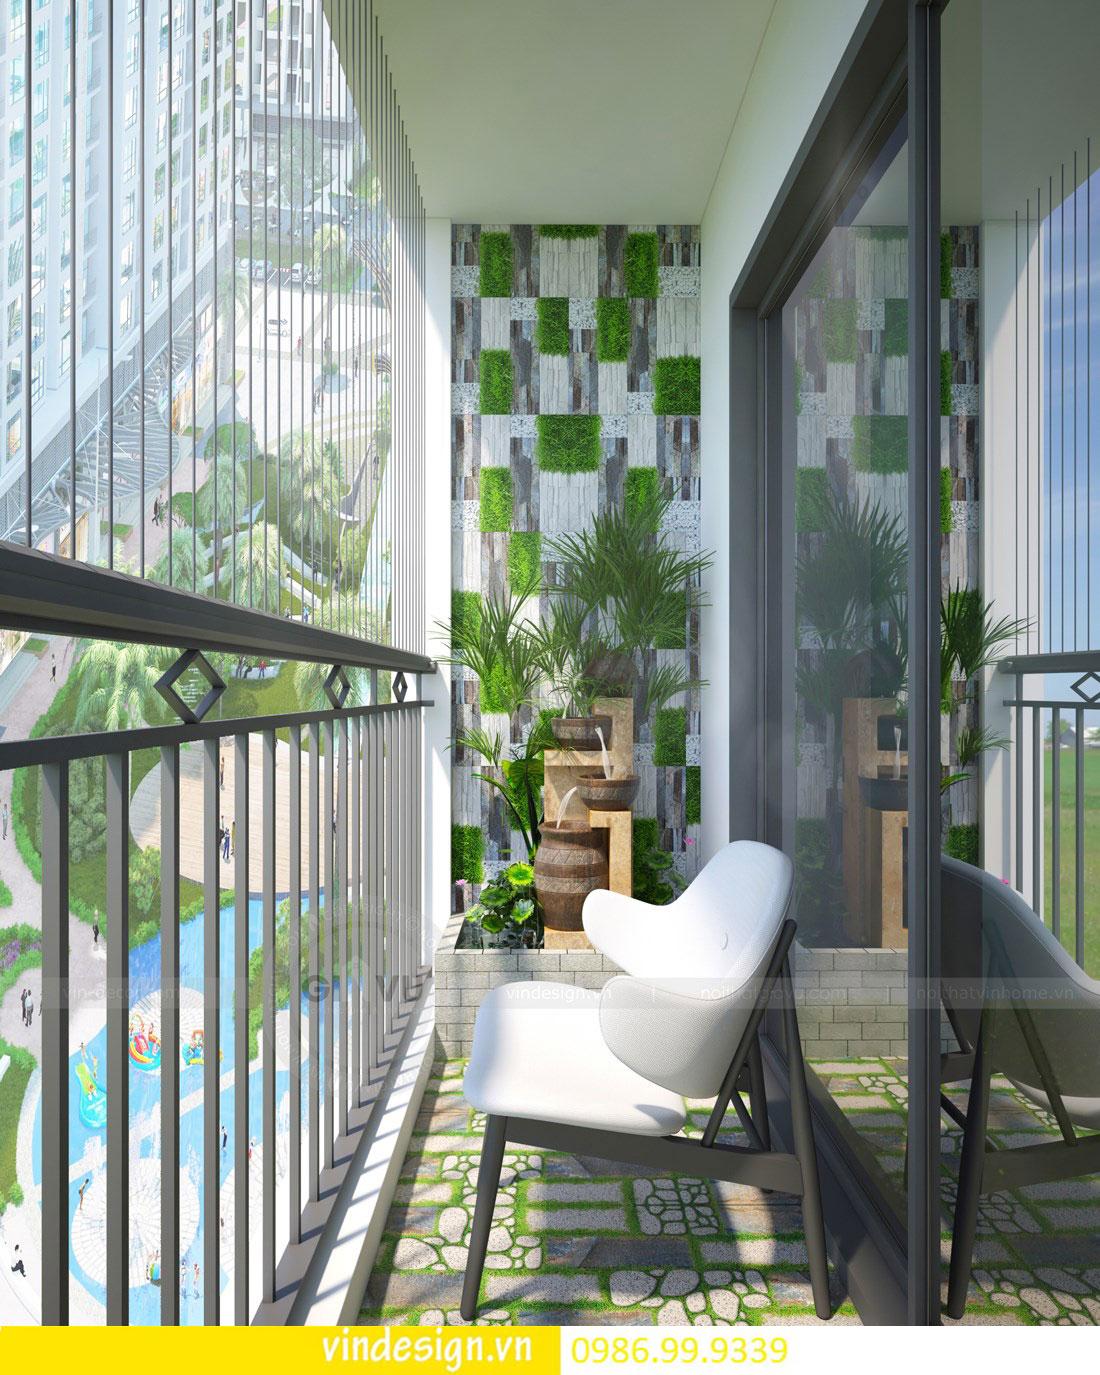 mẫu thiết kế nội thất D Capitale căn 2 phòng ngủ 11